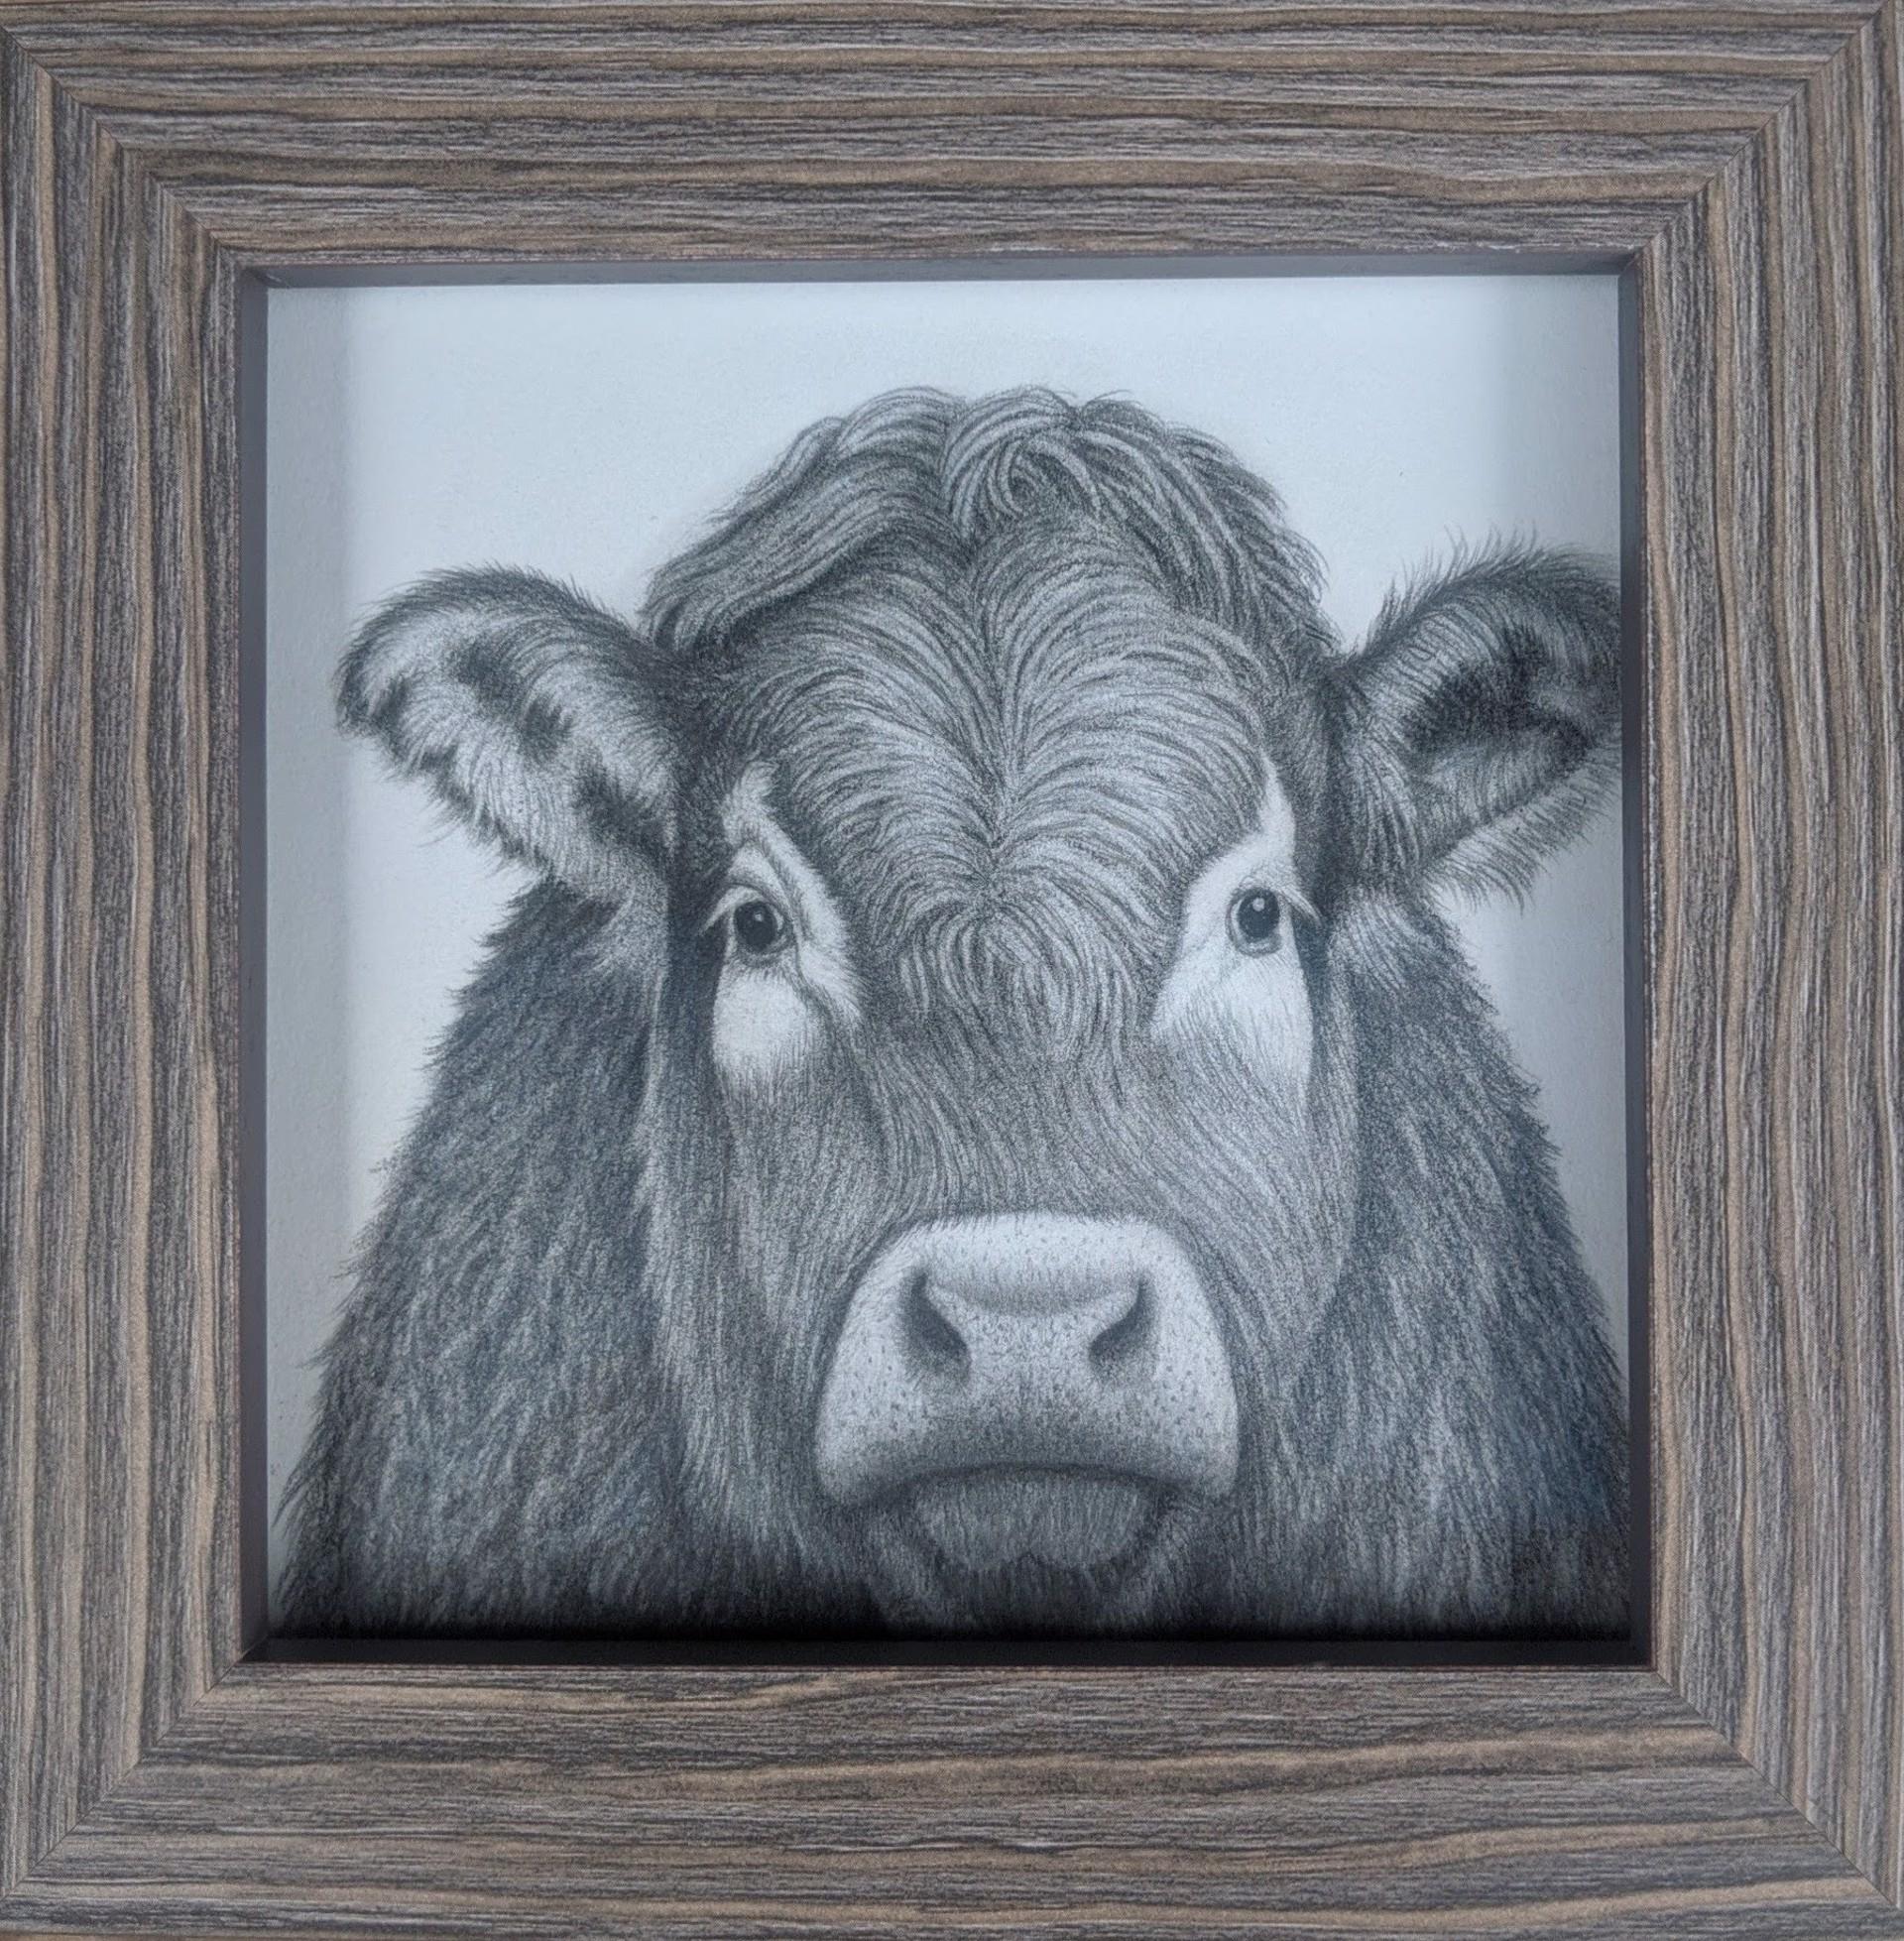 Bessie by Tammy Liu-Haller